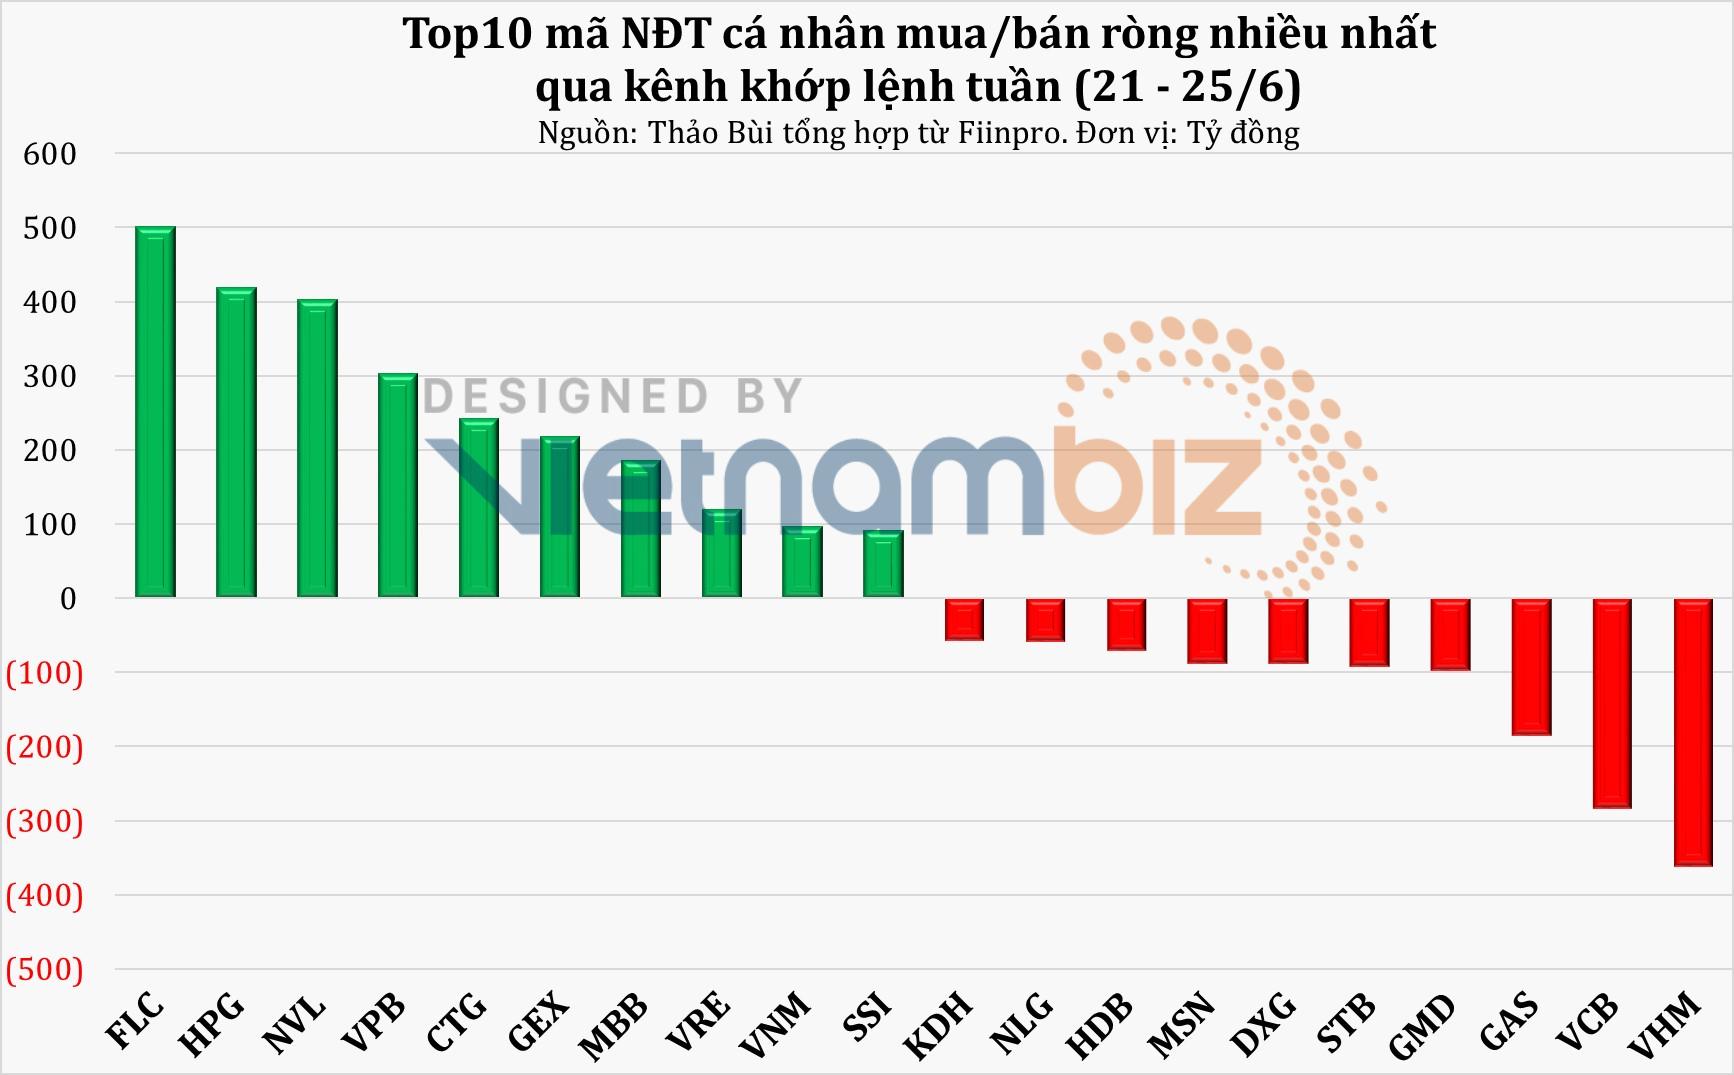 Tuần 21 - 25/6: VN-Index vượt đỉnh 1.390, NĐT cá nhân khẳng định vị thế dẫn dắt - Ảnh 3.